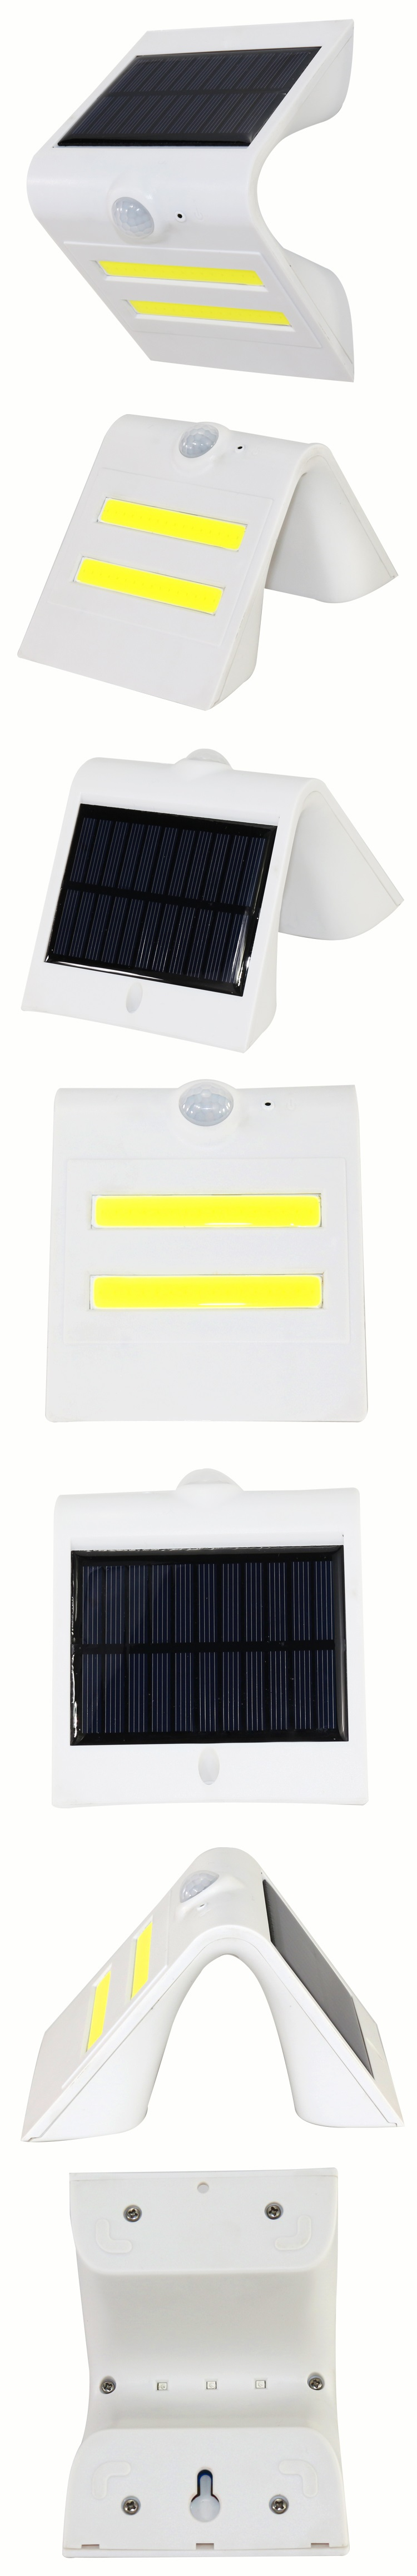 壁灯白色细节